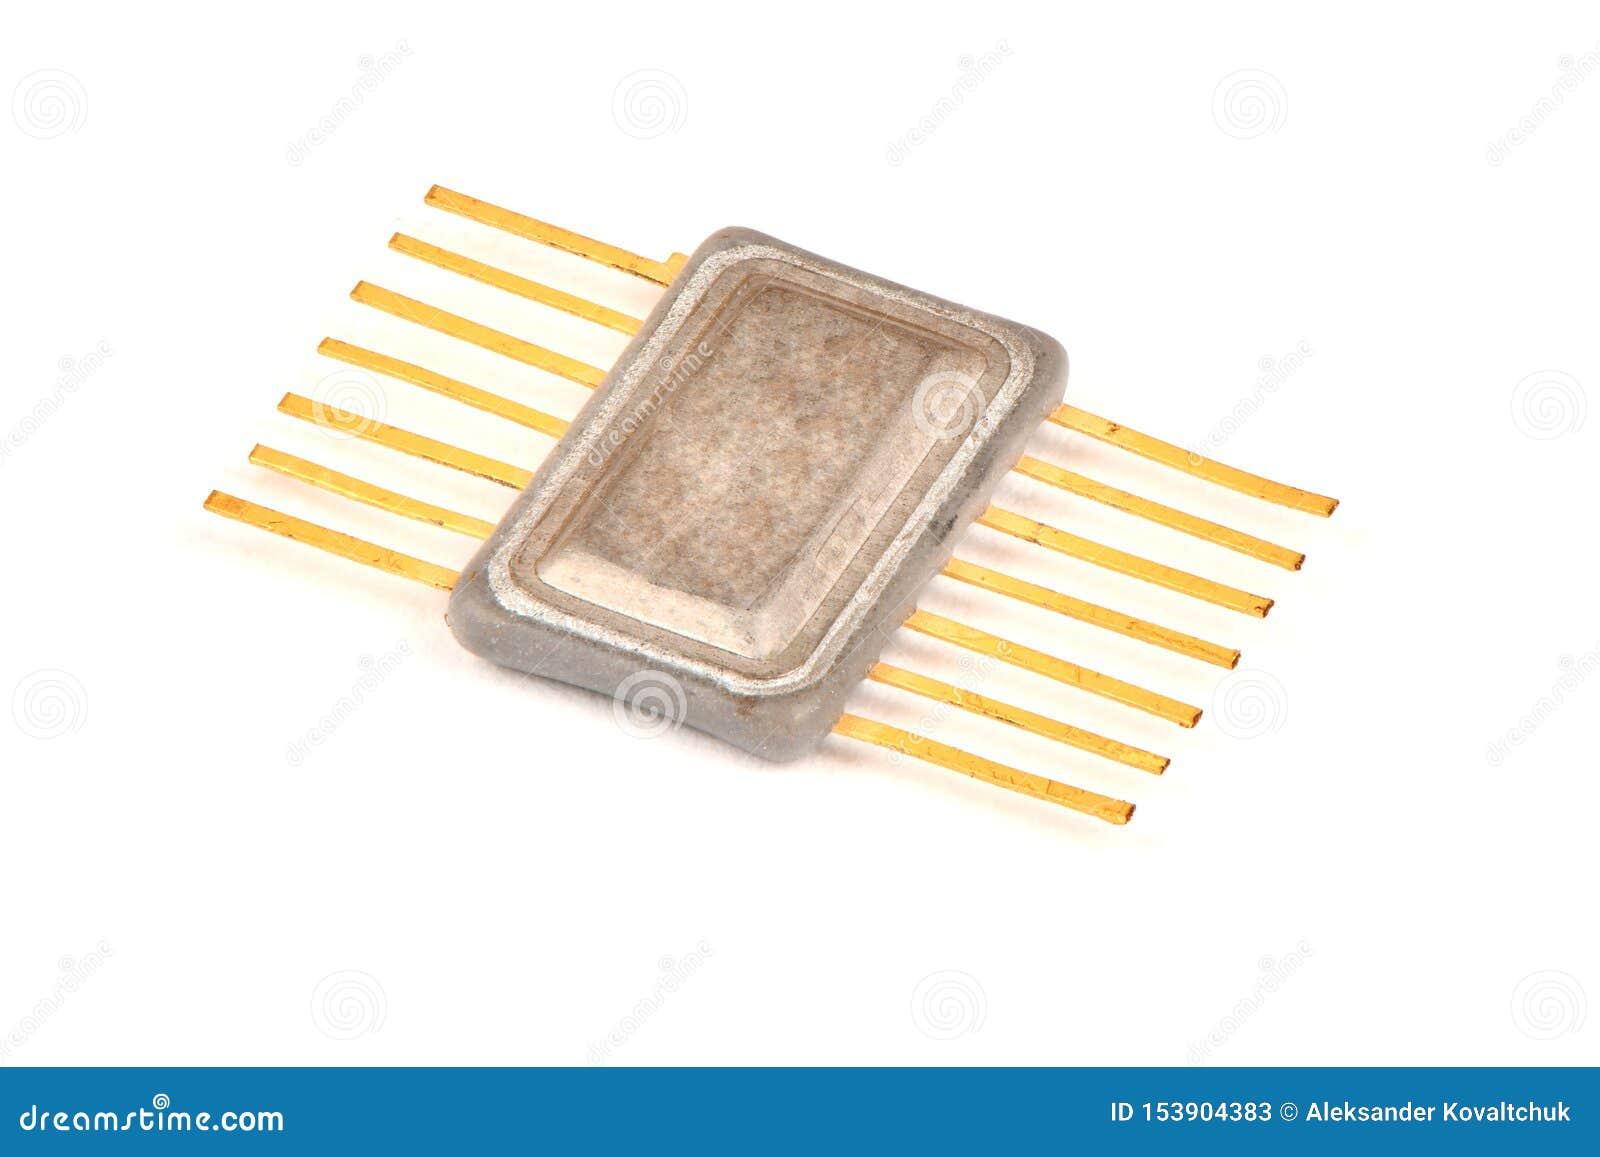 Gammal radio en del, en inbyggd chip i metallfallet med kontakterna som täckas med guld